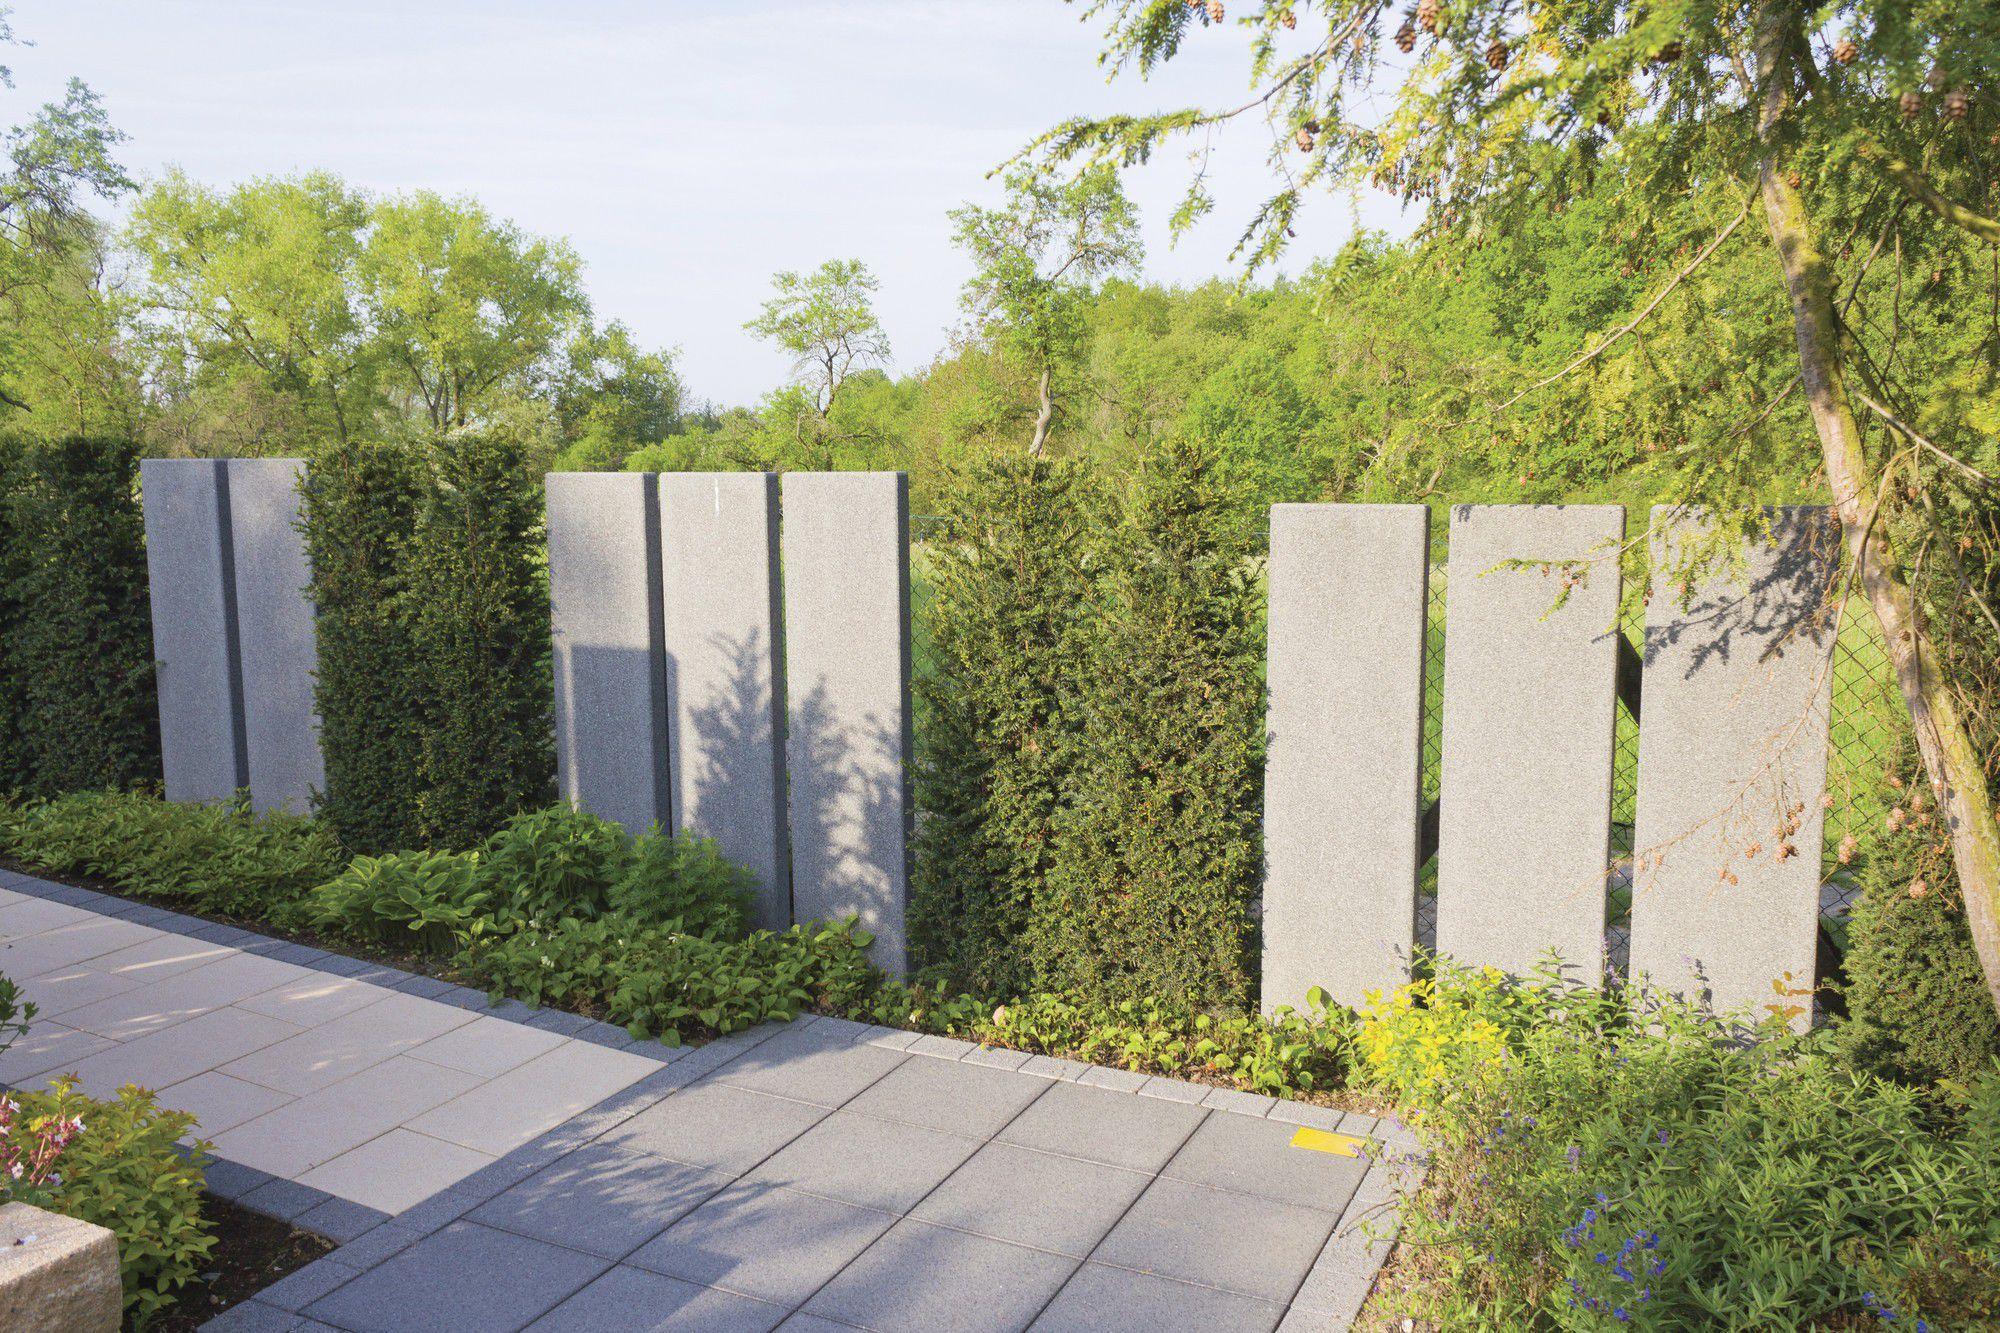 Gartenzaun / Platten / Aus Beton - Steles - Rinn Beton- Und ... Gartenzaun Sichtschutz Naturstein